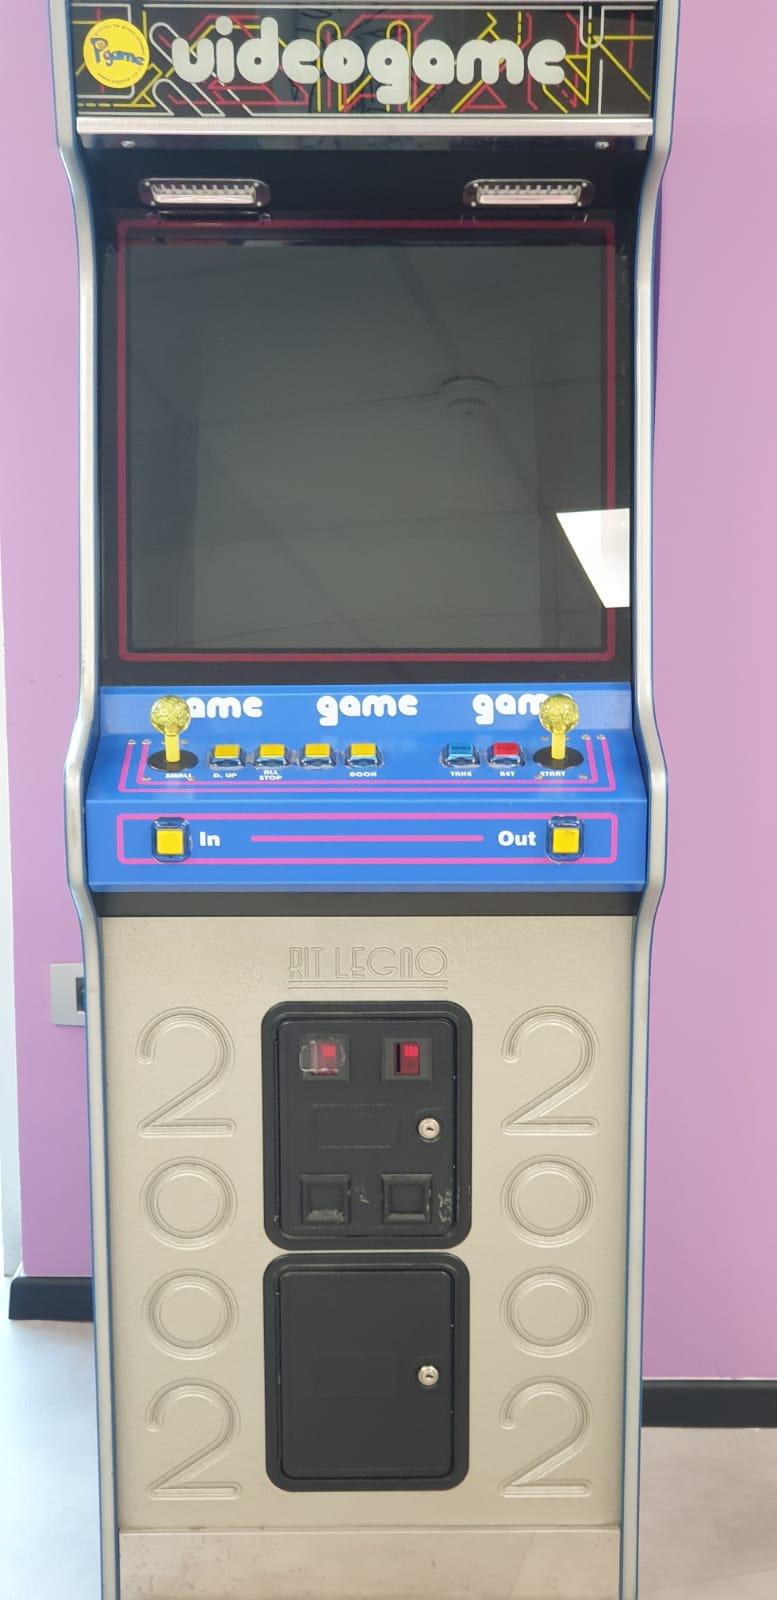 מכונת המשחקים אטארי במשרד מנצ'